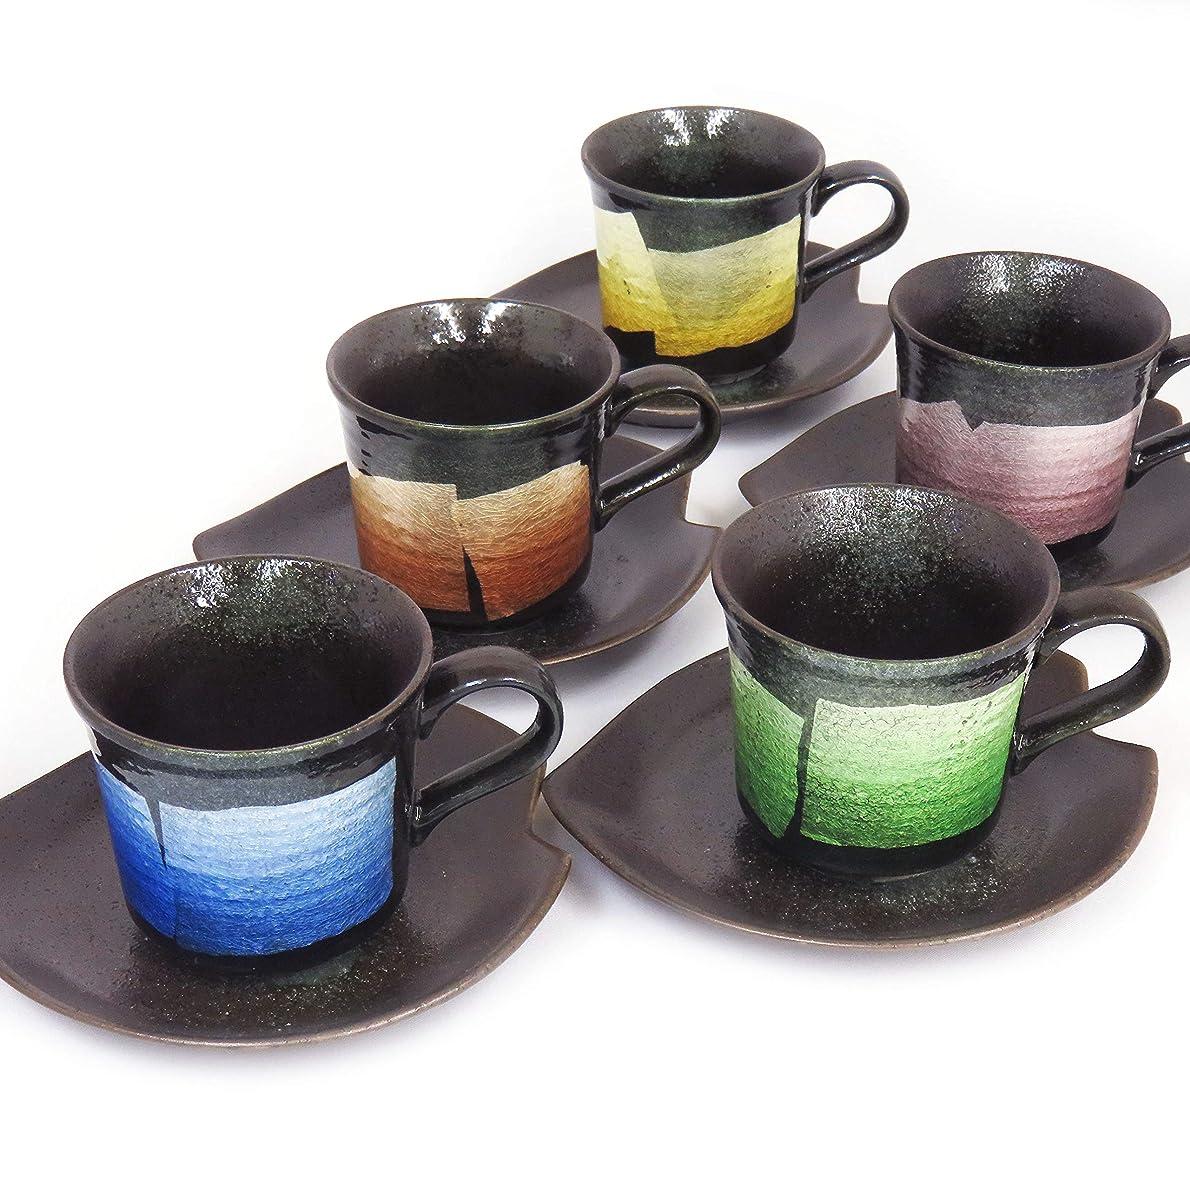 要求するメダリスト九谷焼 陶器 コーヒーカップ 5客 セット 銀彩